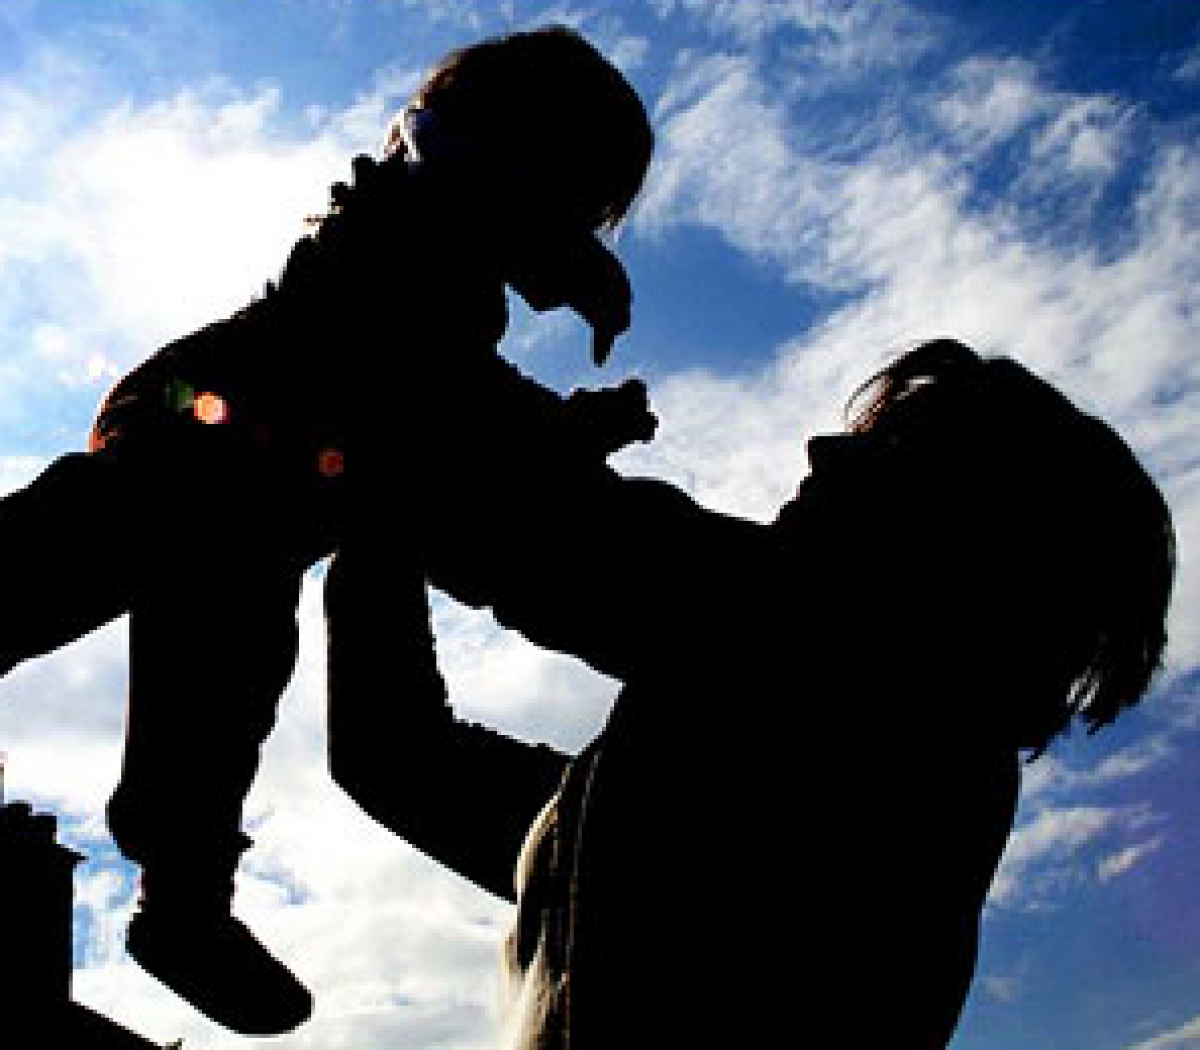 Η ευλογια της μητροτητας δεν ειναι παντα ευκολη